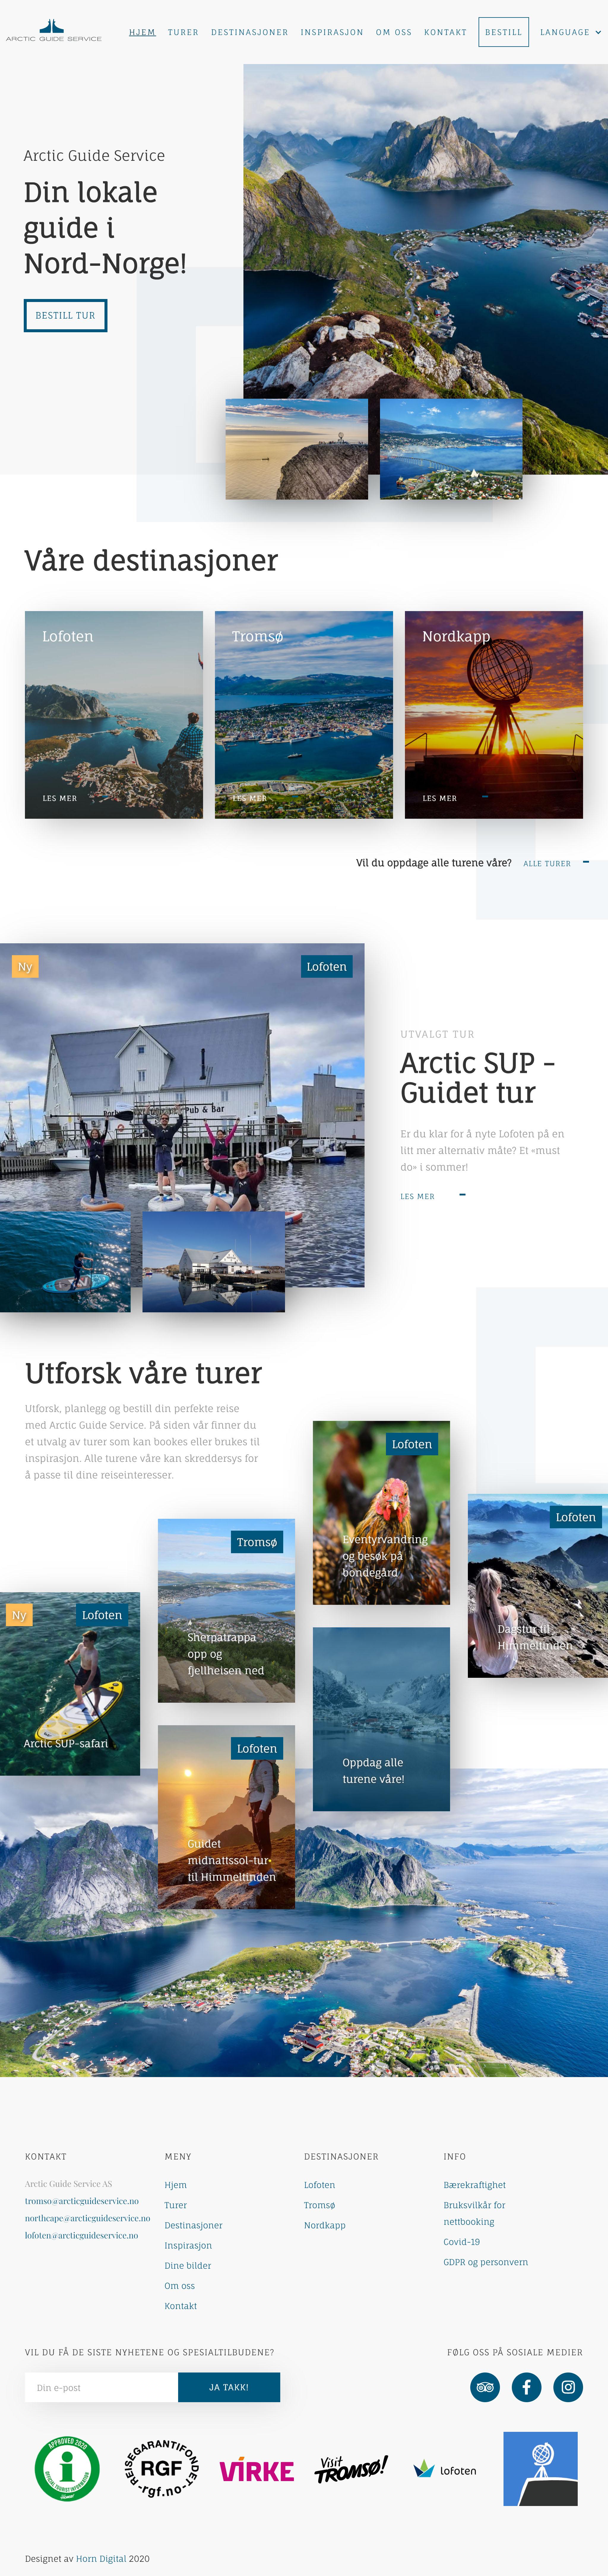 Skjermbilde av hele nettsiden til Arctic Guide Service